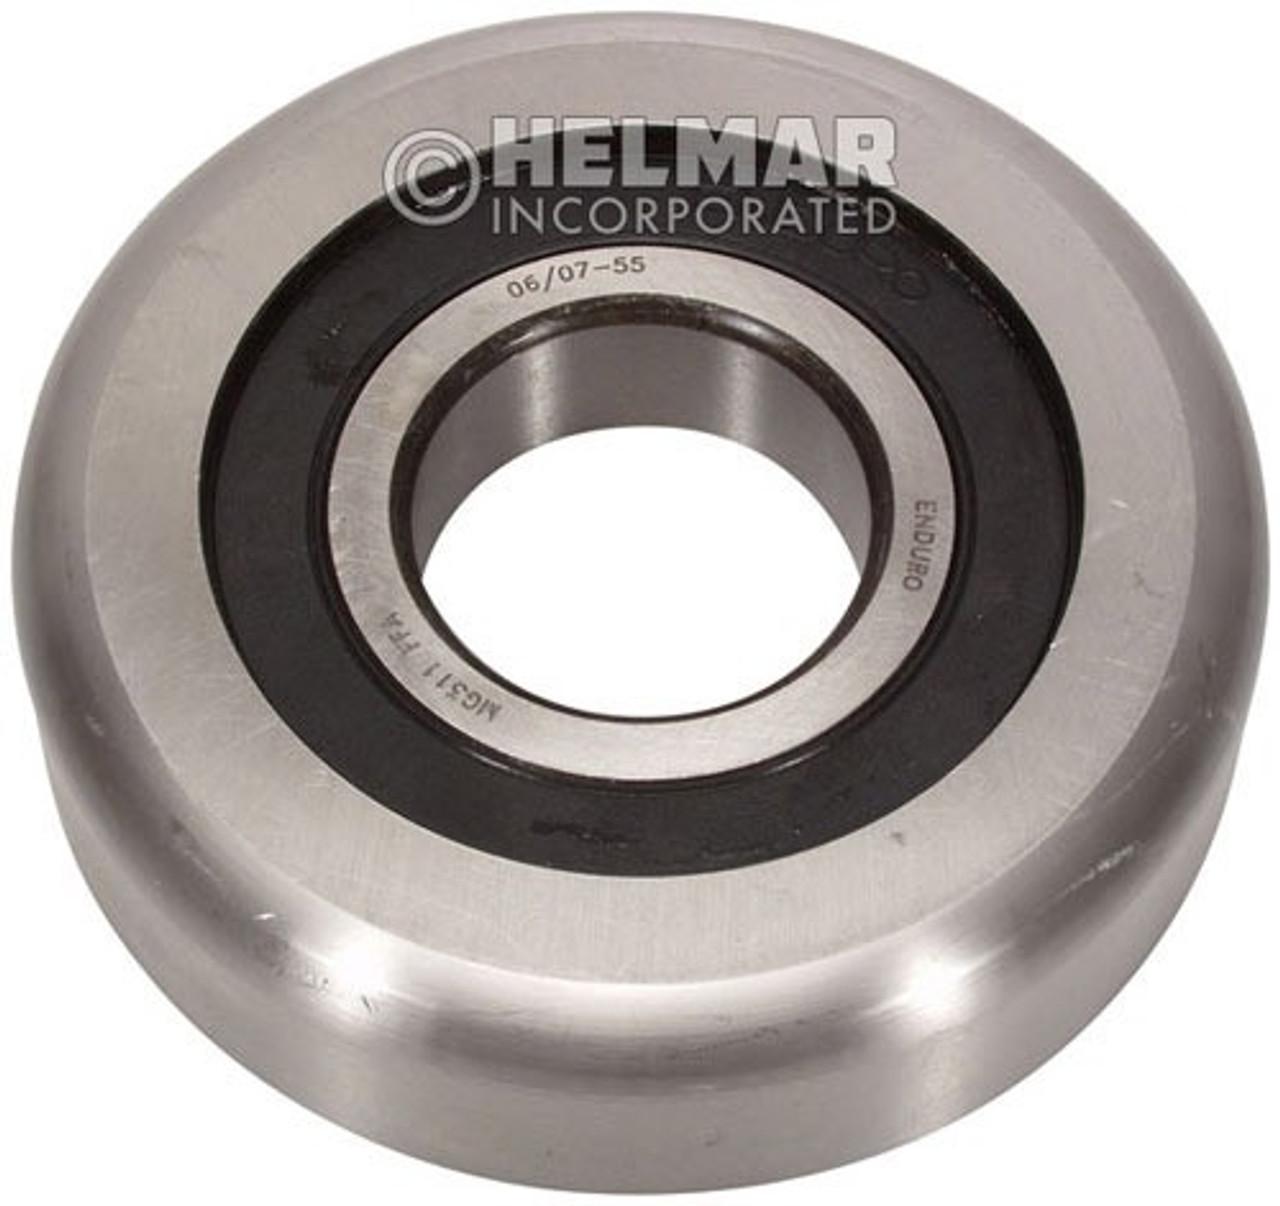 1722452 Clark Mast Roller Bearing 38.00mm Wide, 151.92mm Outer Diameter, 54.96mm Inner Diameter